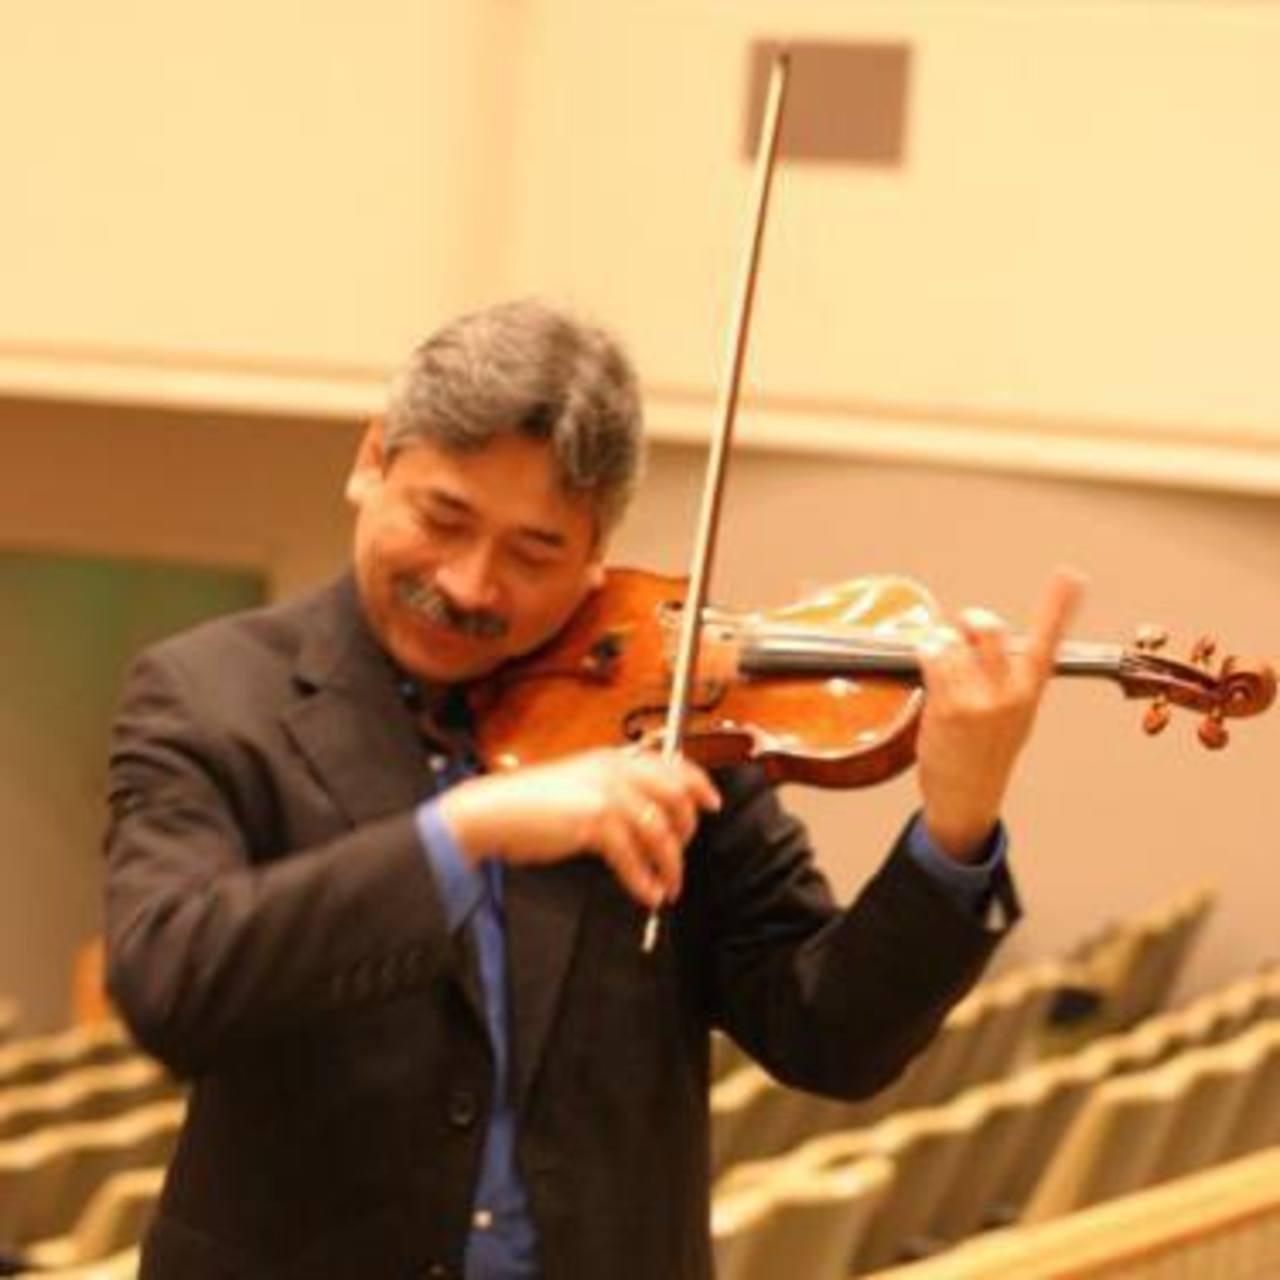 Néstor Rodríguez, violinista salvadoreño, que forma parte de la Orquesta Filarmónica de Sendai en Japón.